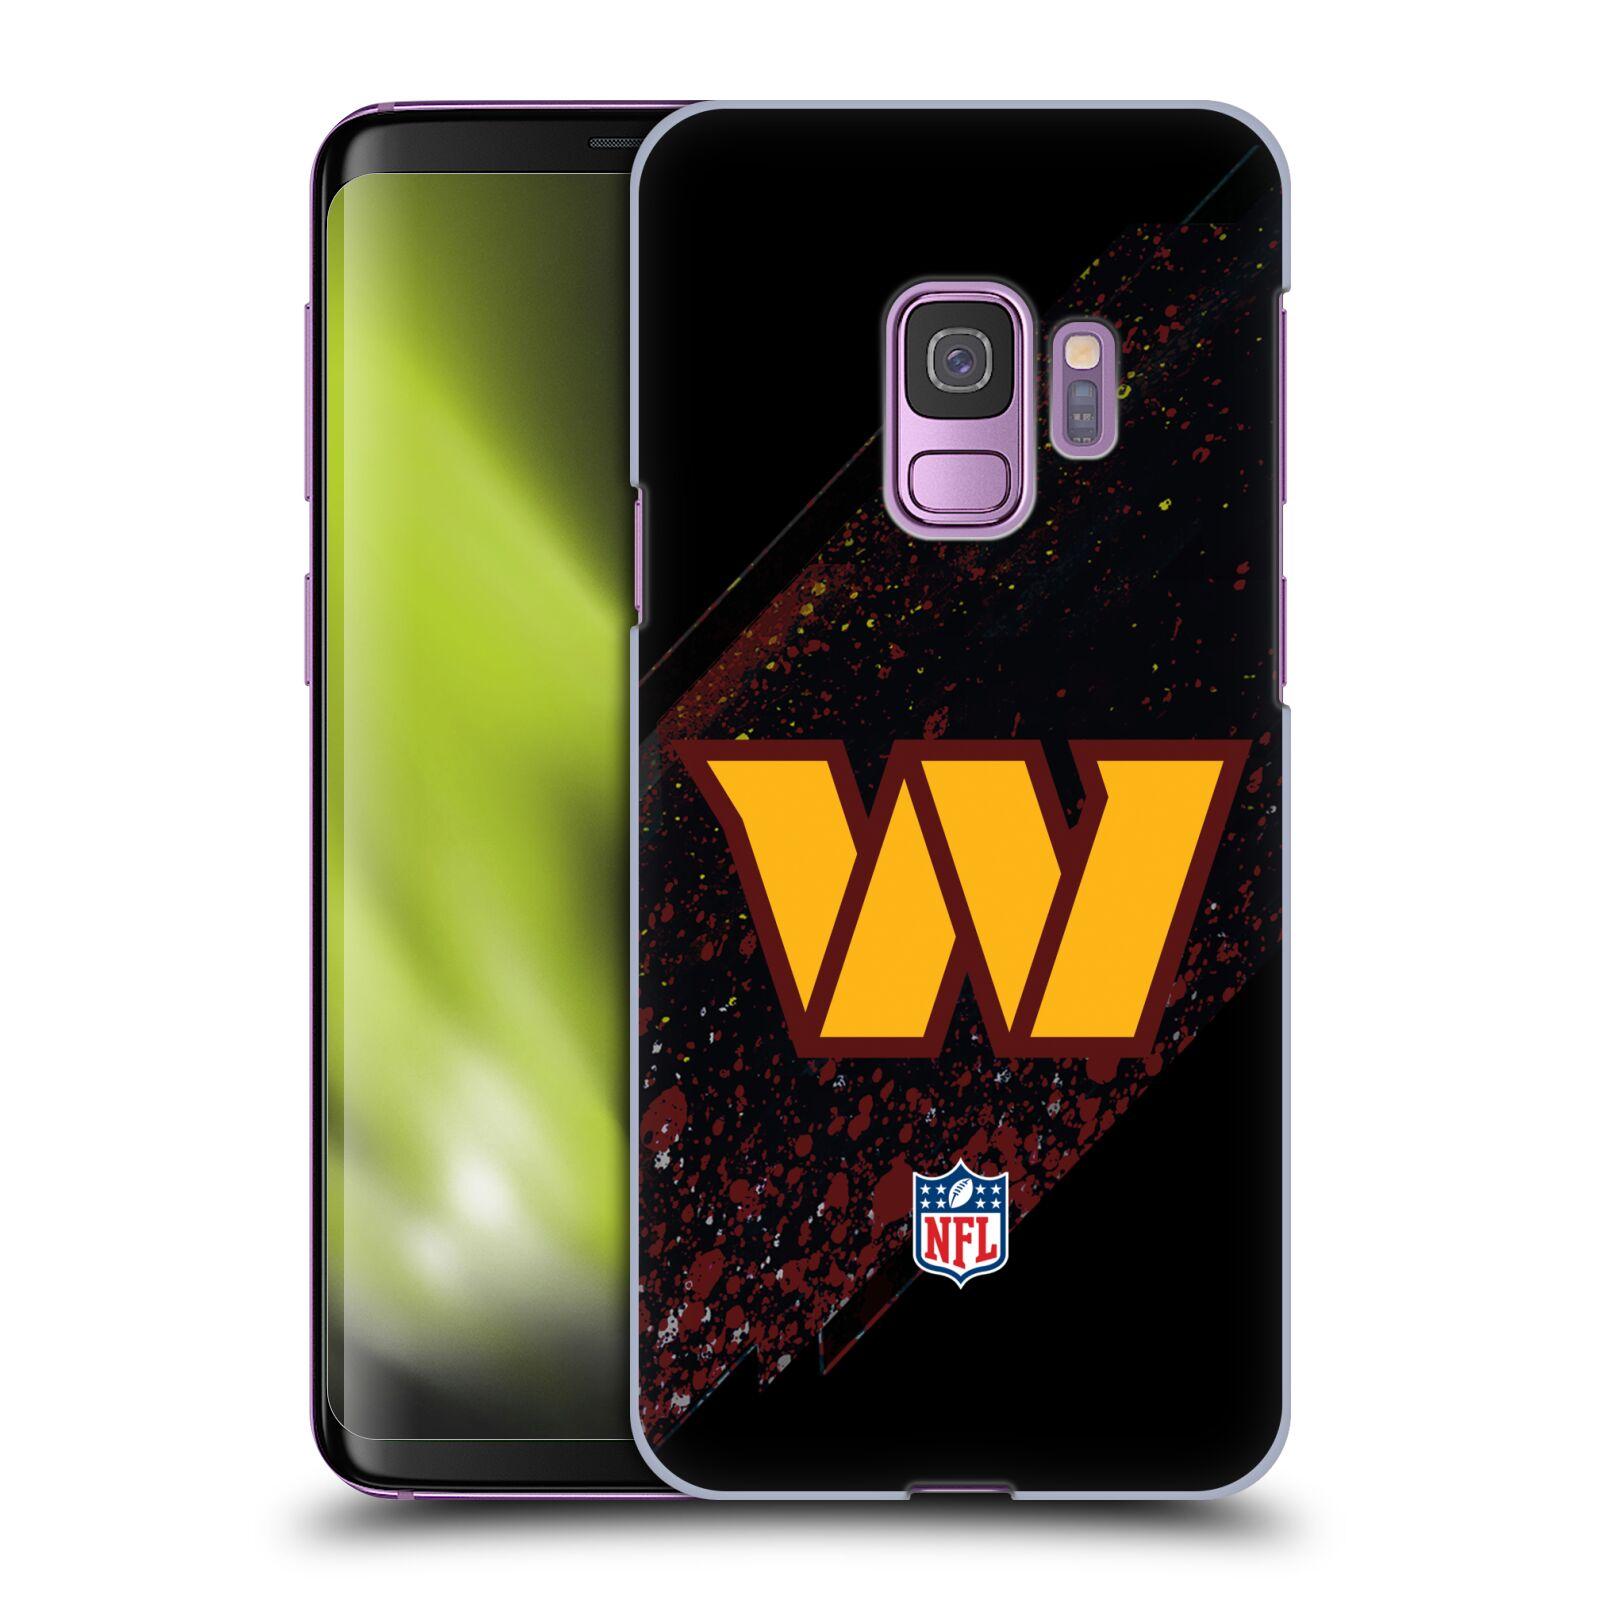 OFFICIAL-NFL-WASHINGTON-REDSKINS-LOGO-HARD-BACK-CASE-FOR-SAMSUNG-PHONES-1